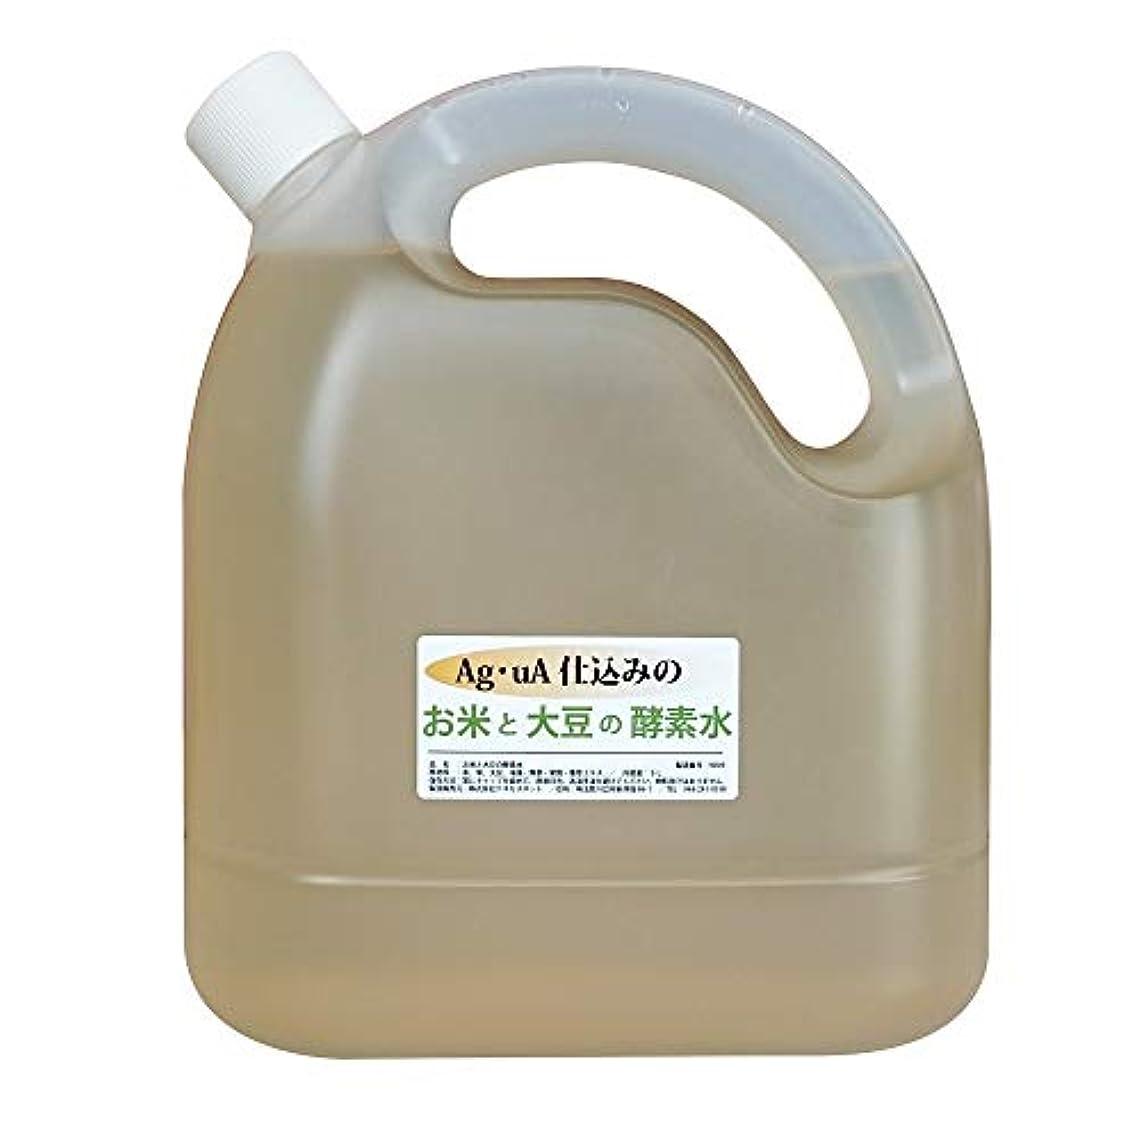 まとめるストライプ振り子テネモス アグア仕込みのお米と大豆の酵素水 5リットル